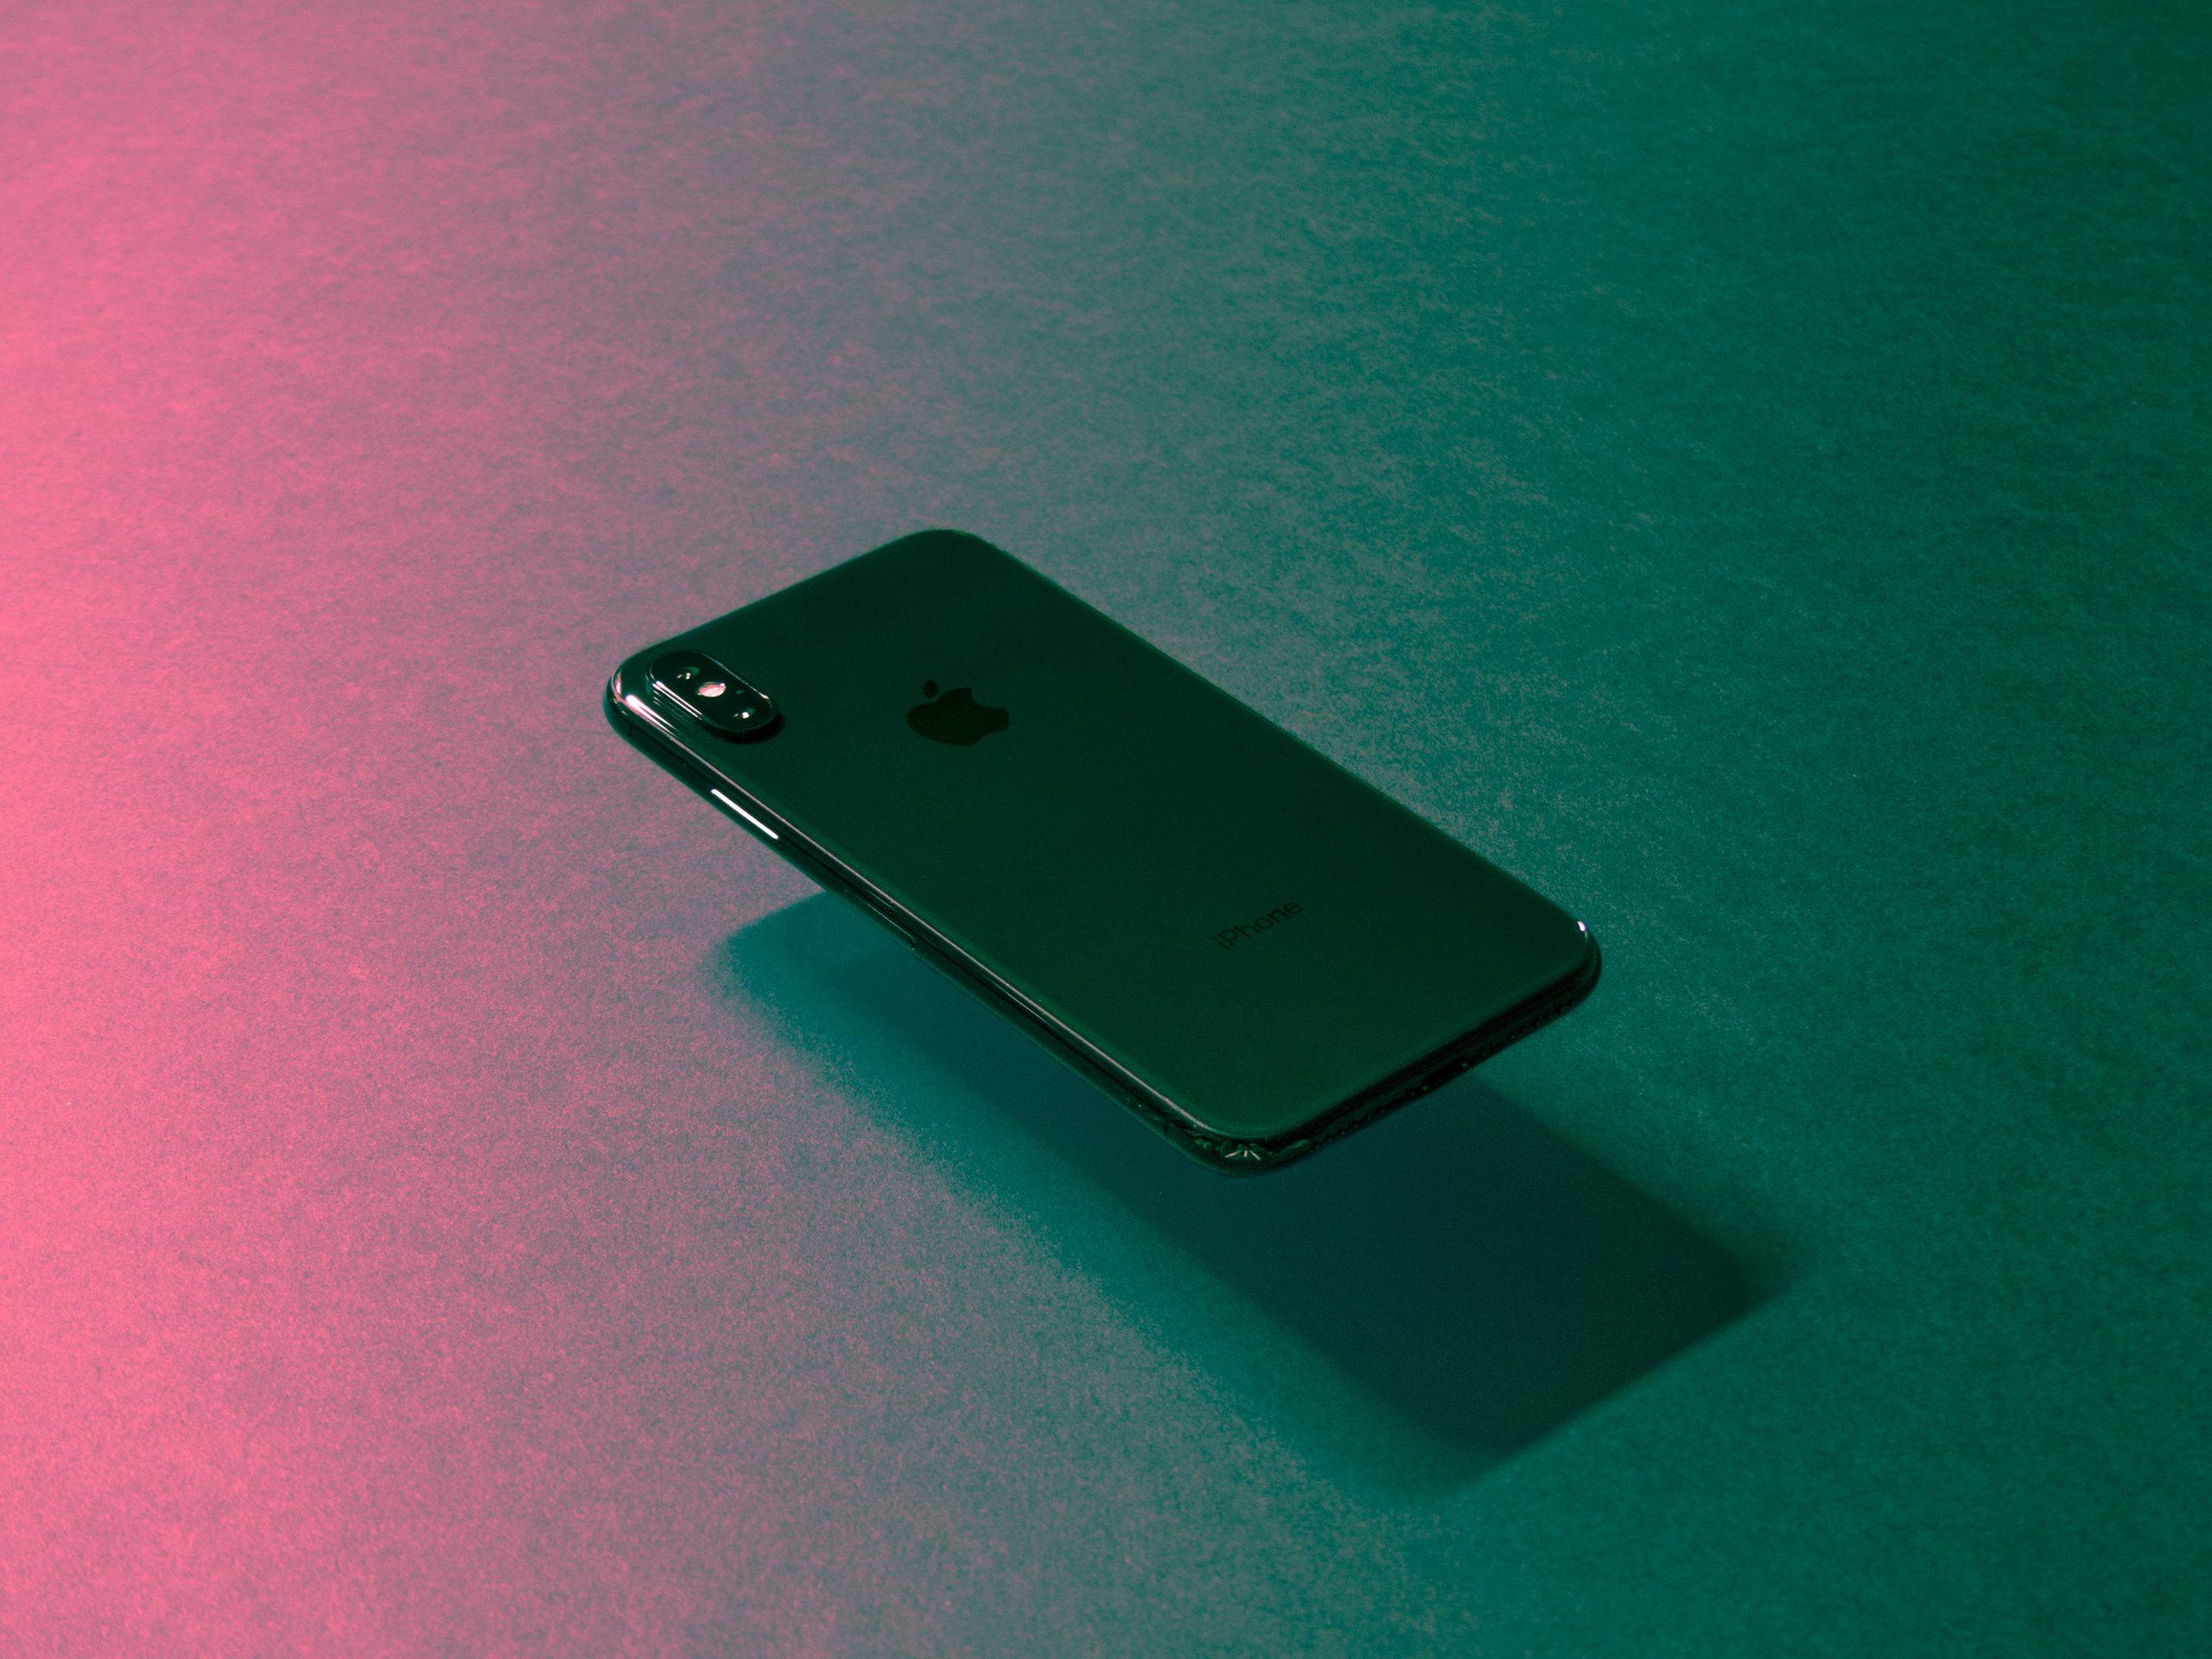 Miglior iPhone 2020: Guida all'acquisto